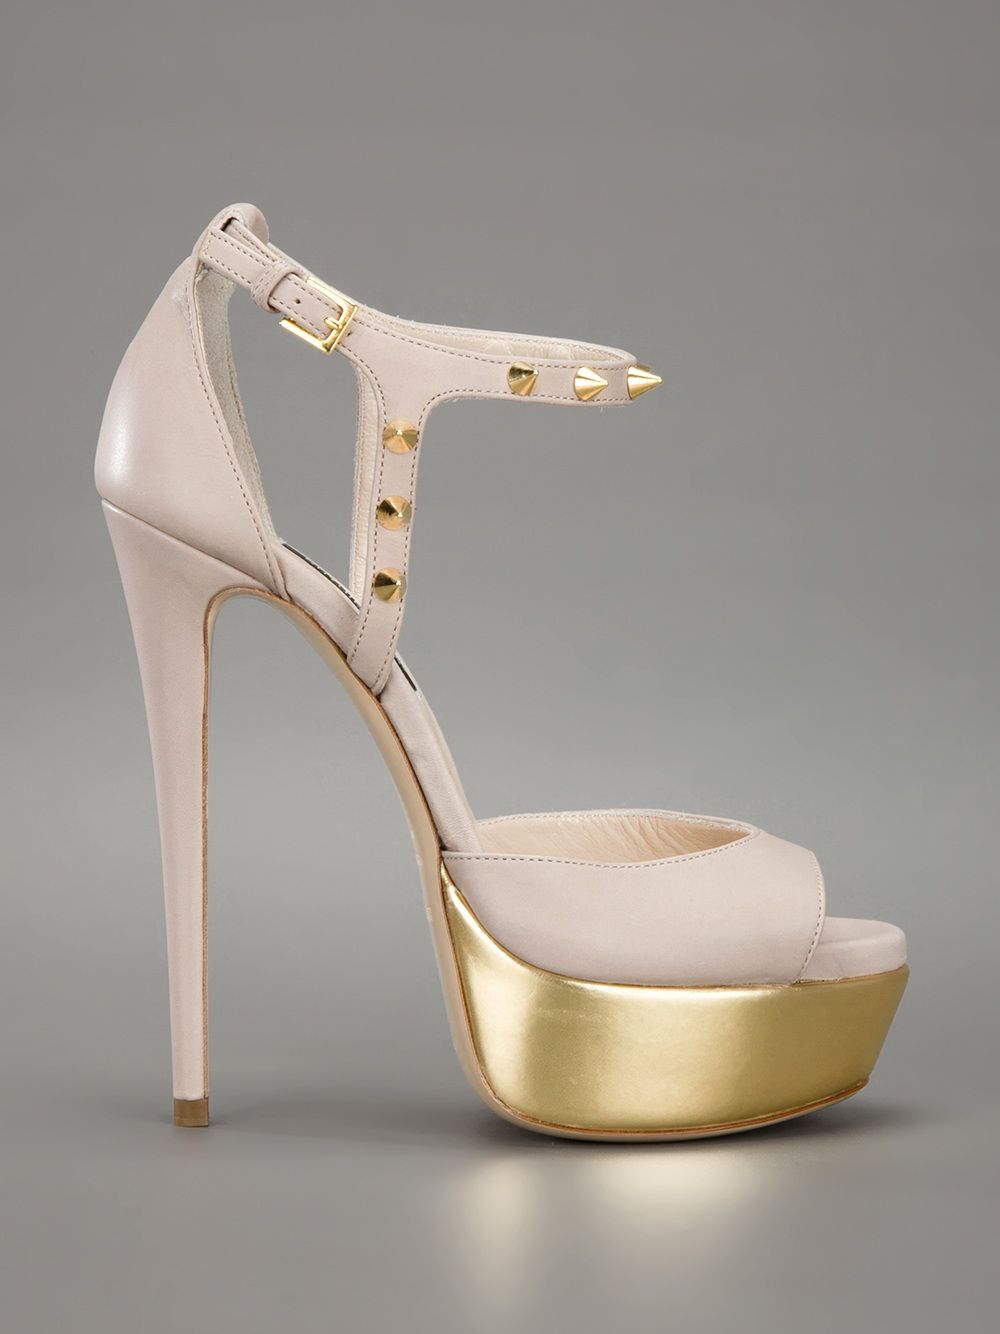 RUTHIE DAVIS - Sandália nude e dourada. 7